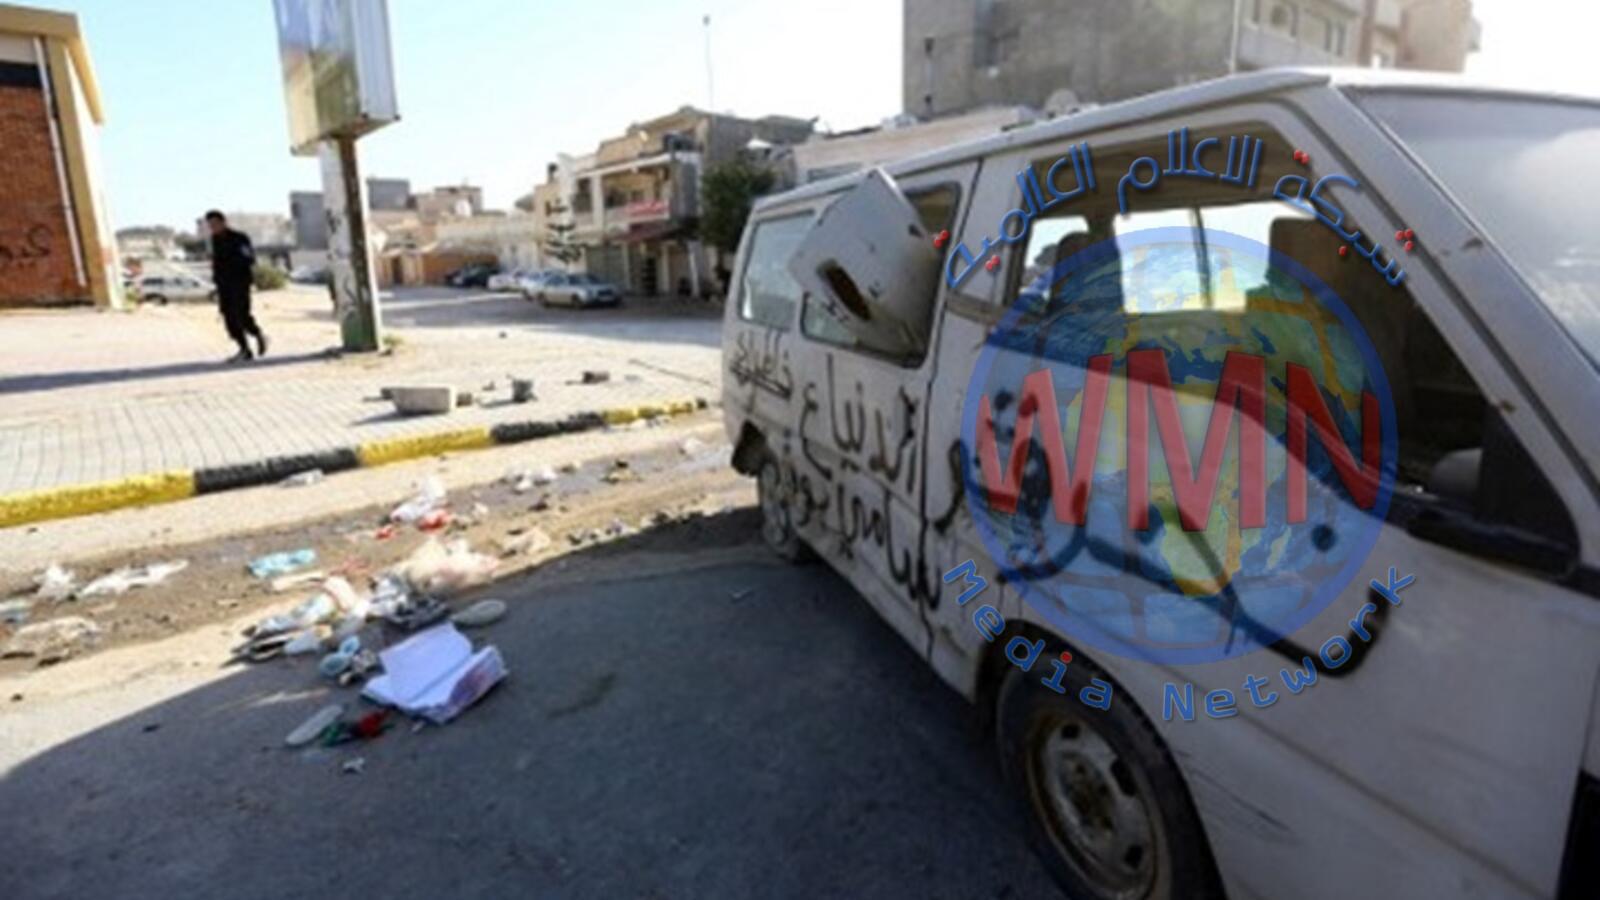 مقتل 4 أشخاص وإصابة 23 جراء سقوط صواريخ على بلدية تابعة لطرابلس